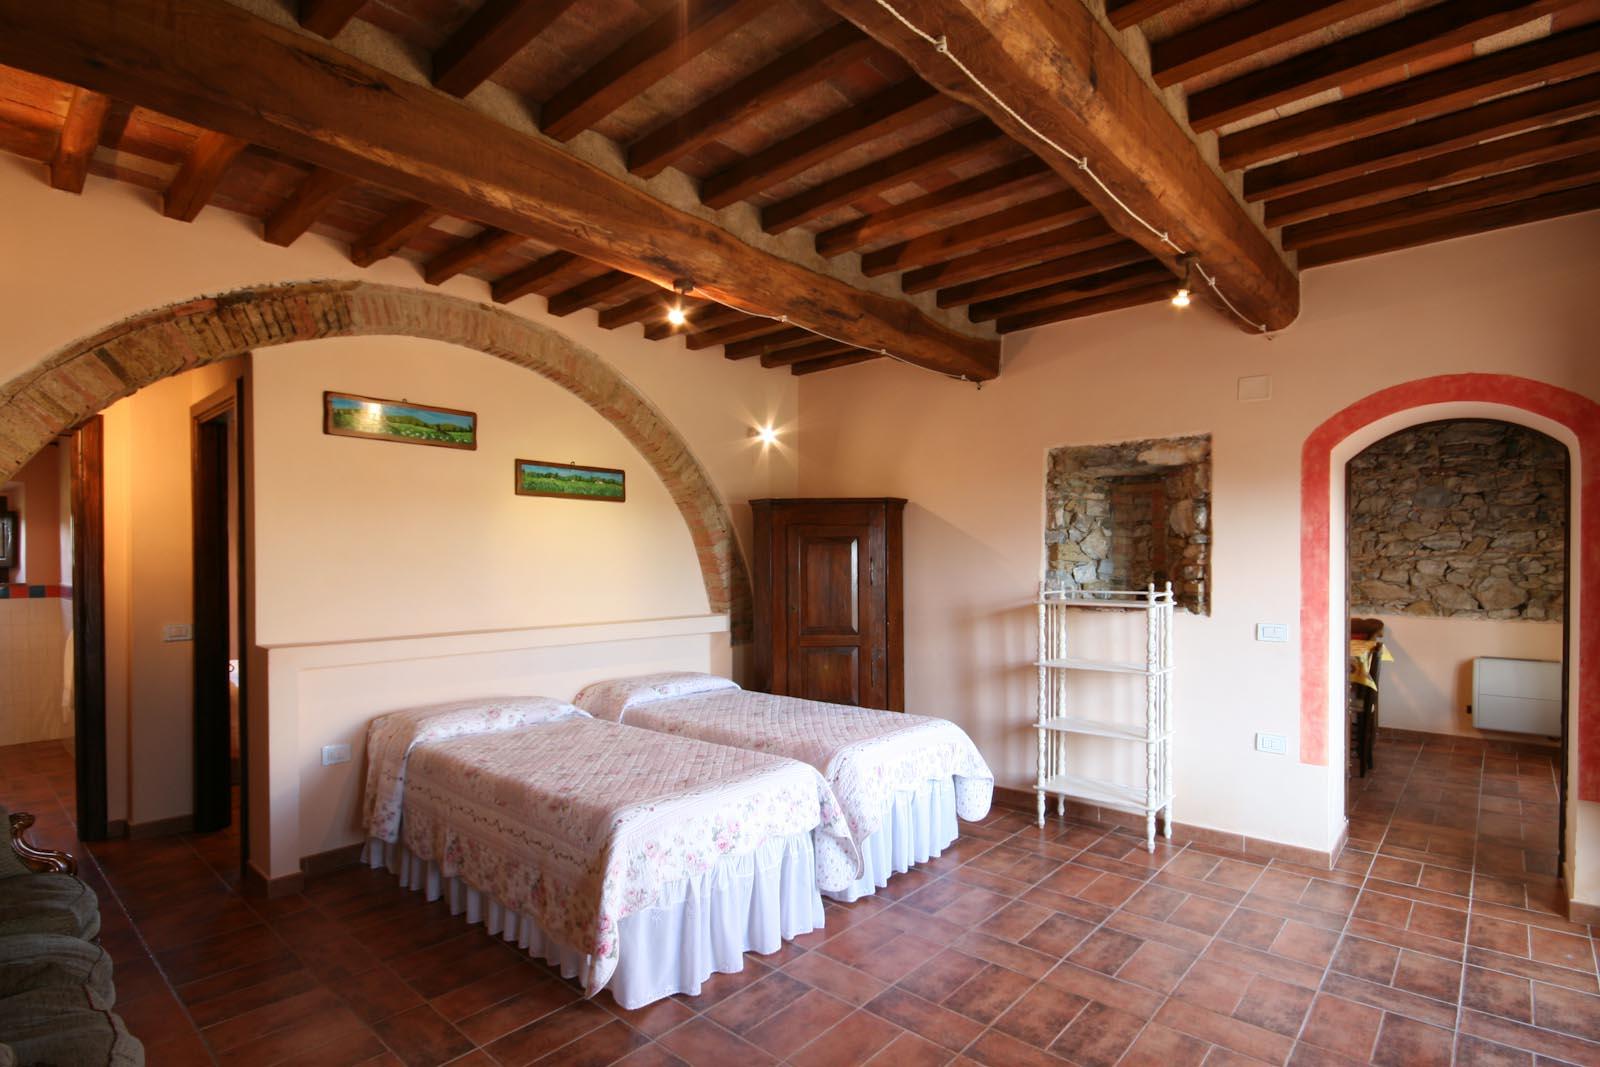 Residenza di campagna in vendita in italia toscana for Produttore di piano terra del punto vendita